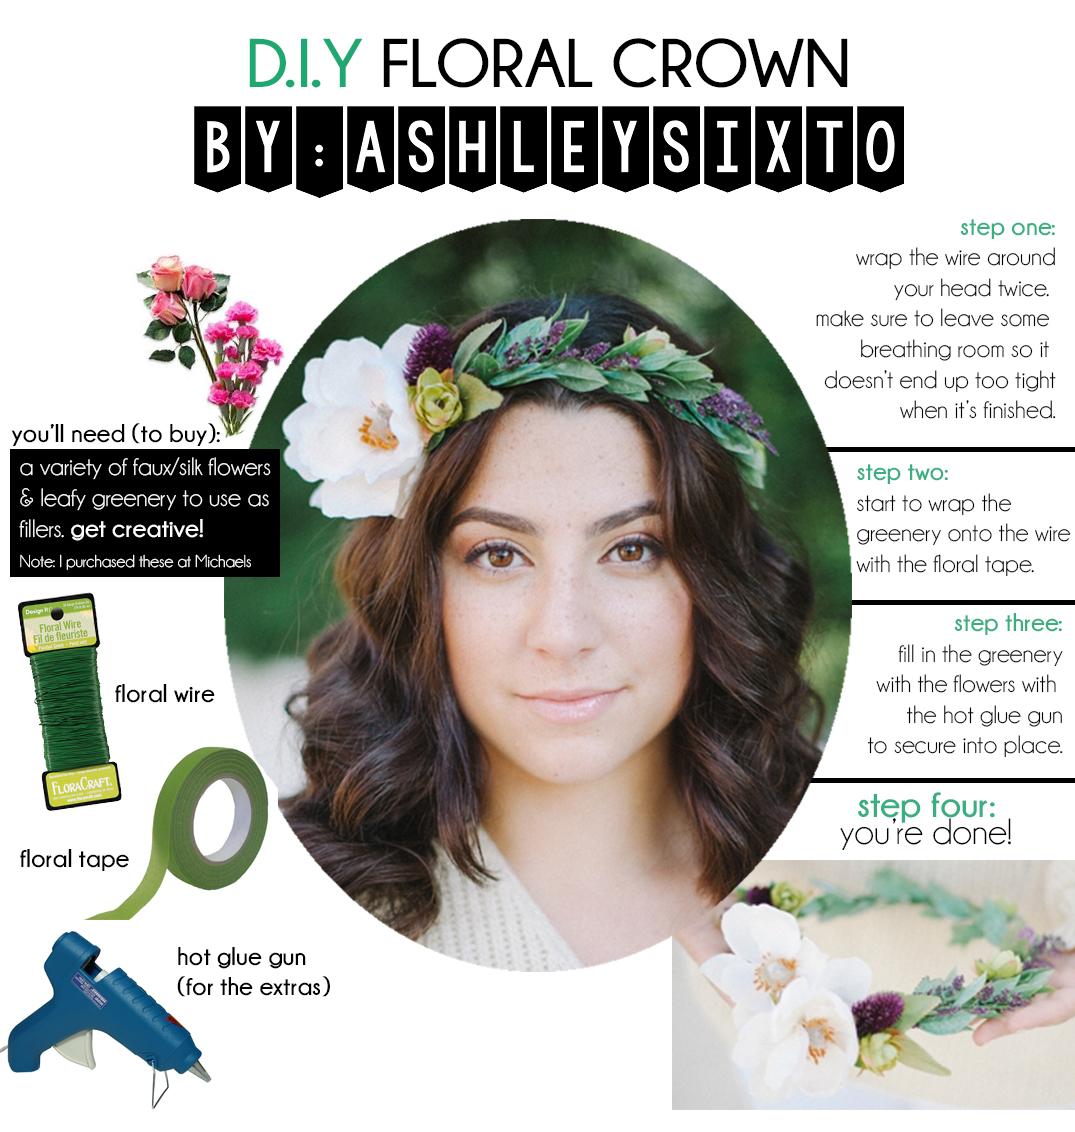 DIY FLORAL CROWN Ashleysixto flower crown flower headpiece